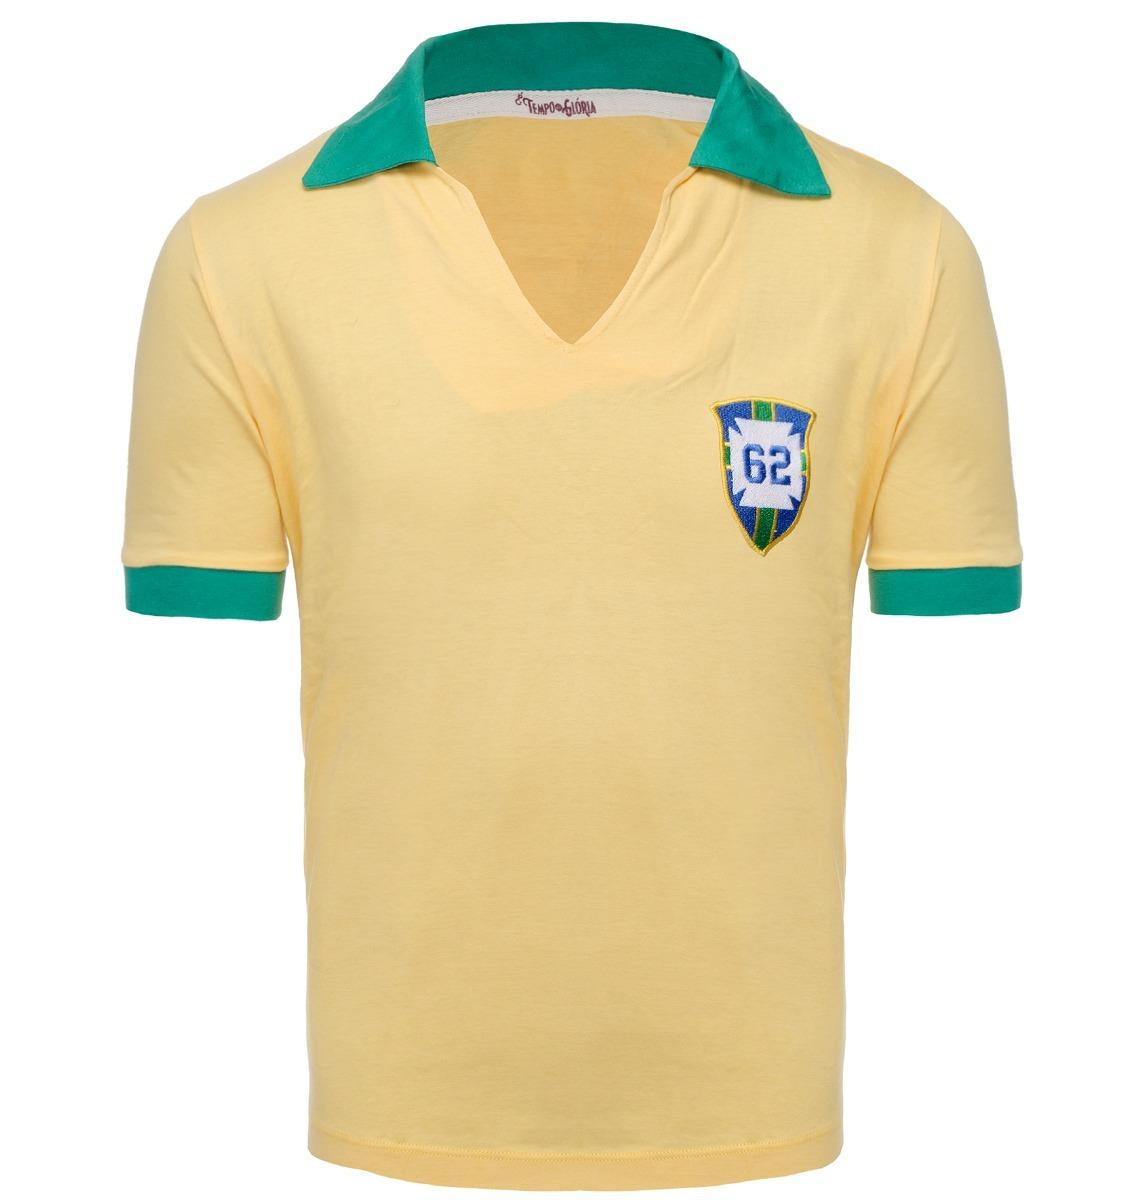 c0a2f162e camisa retrô - brasil 1962 - amarela. Carregando zoom.